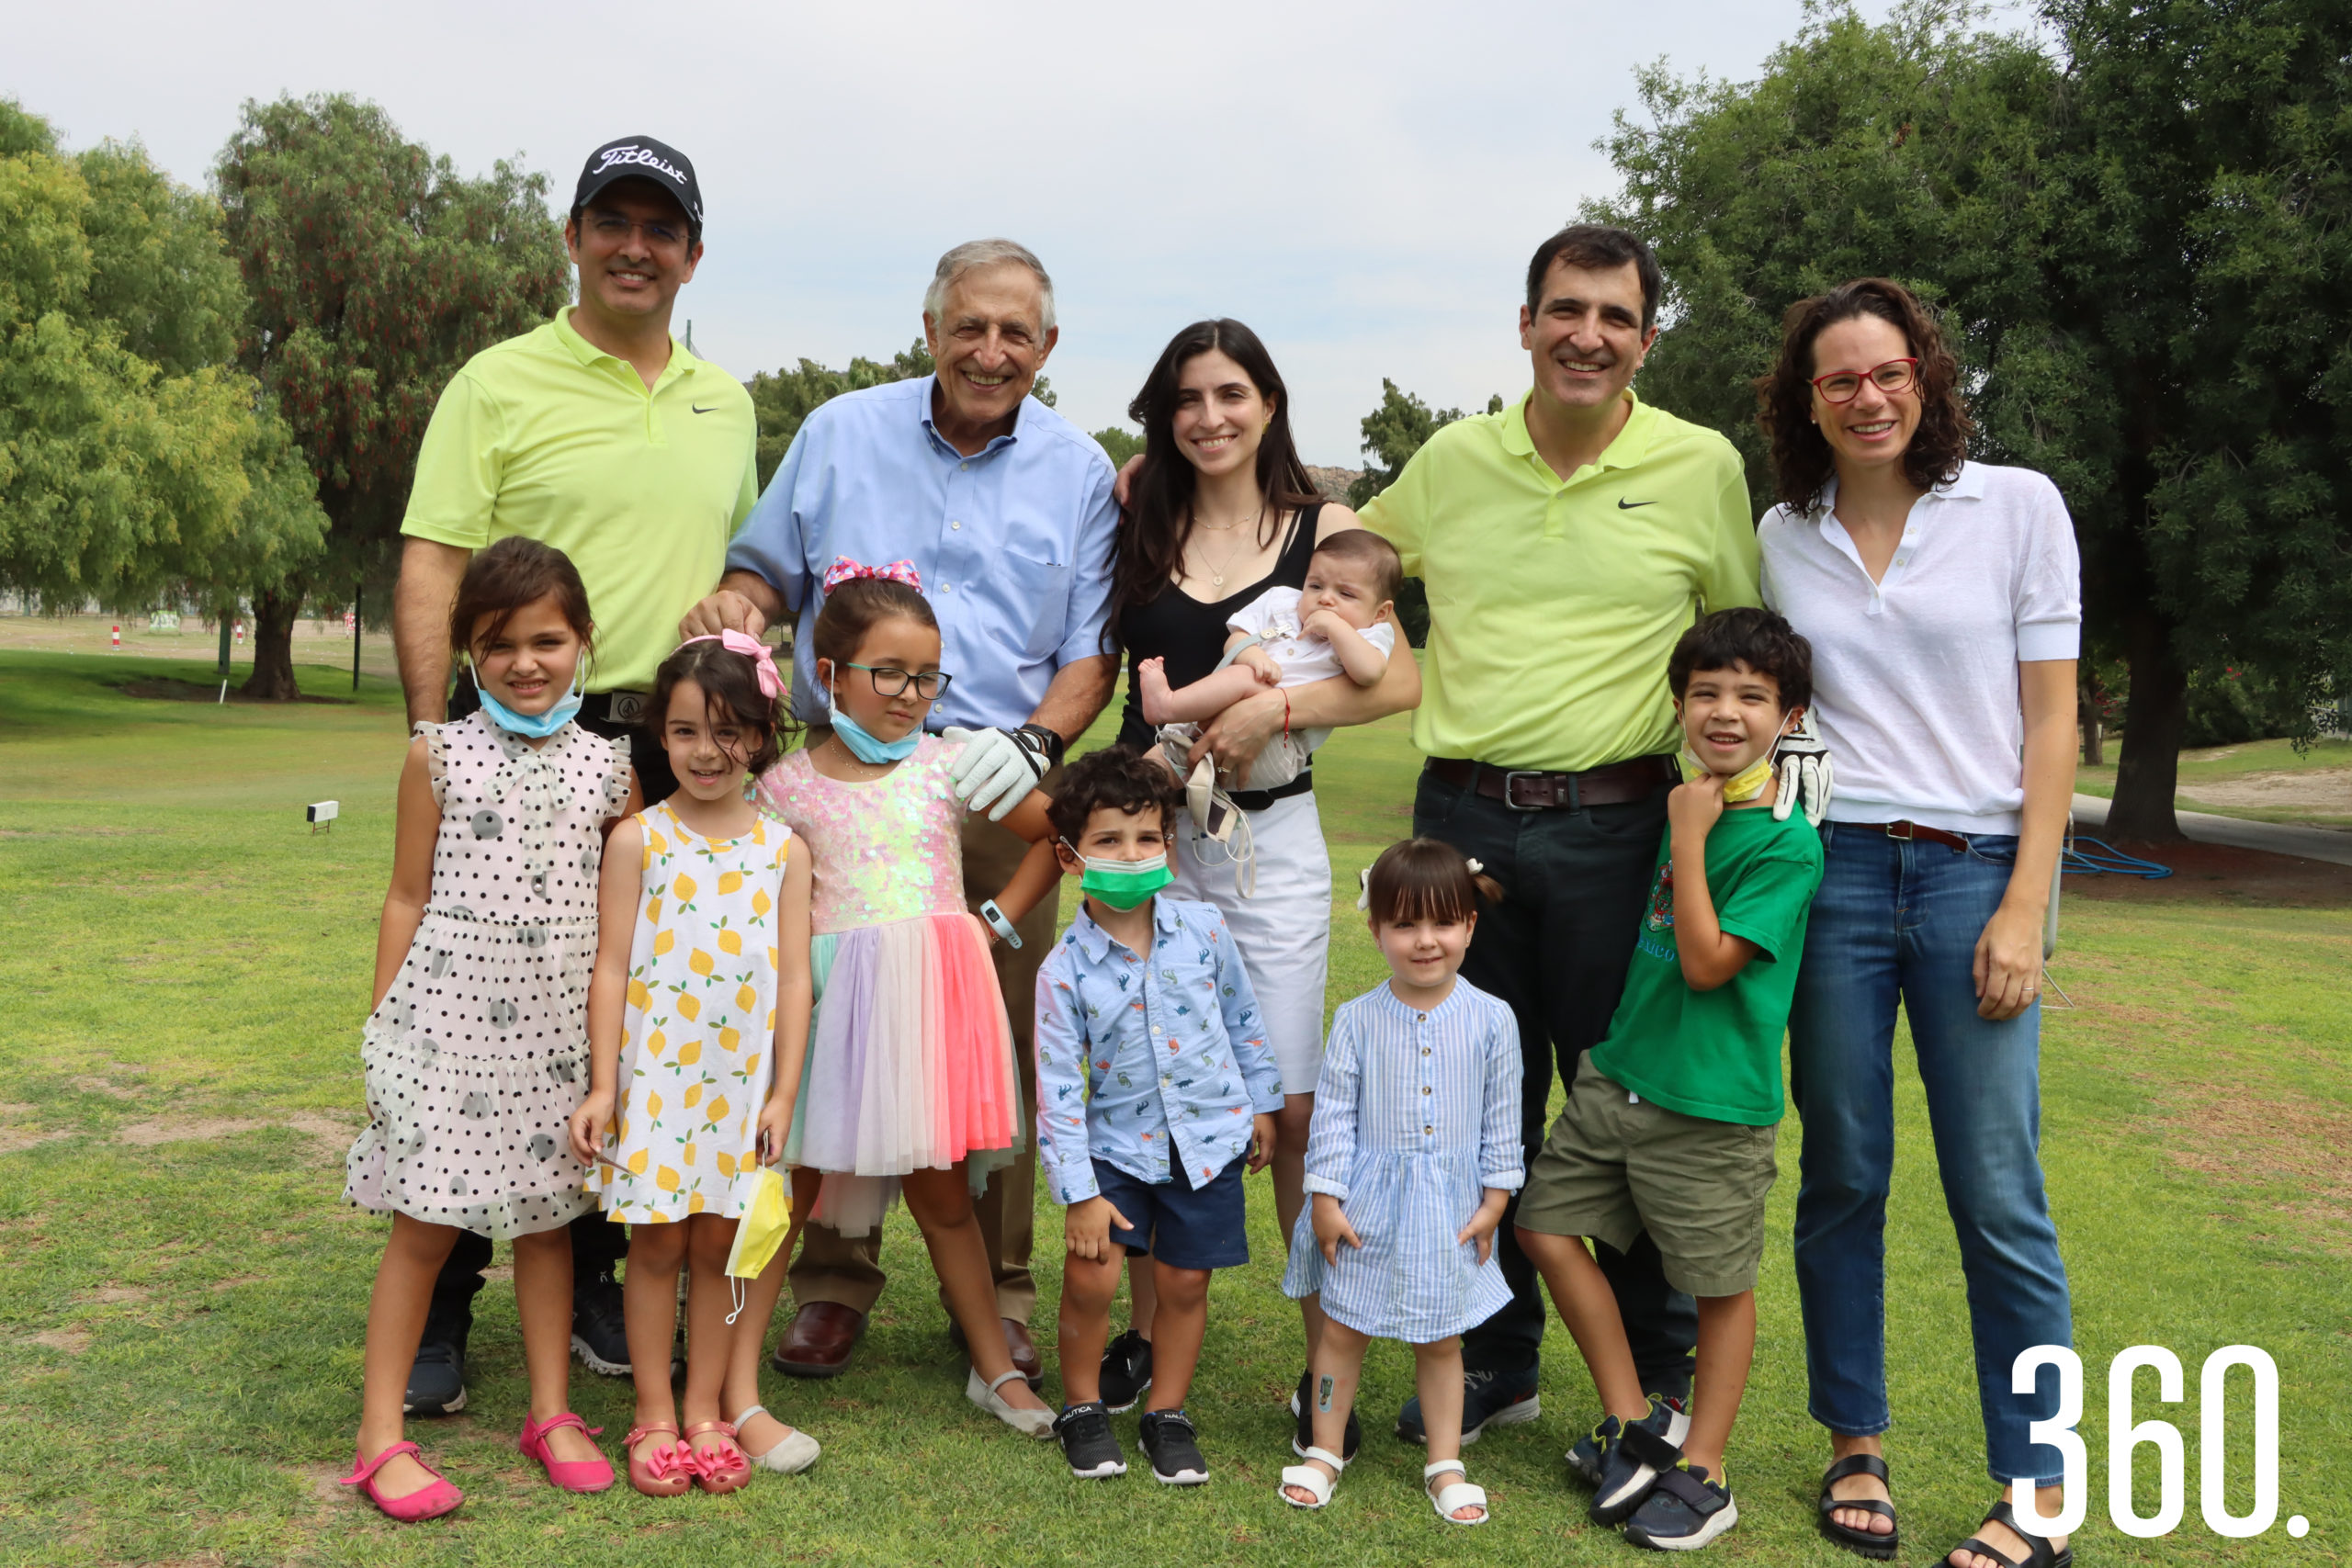 Carlos Mery Milán acompañado por sus hijos Ramón, Carmina y Carlos; su nuera y sus nietos.